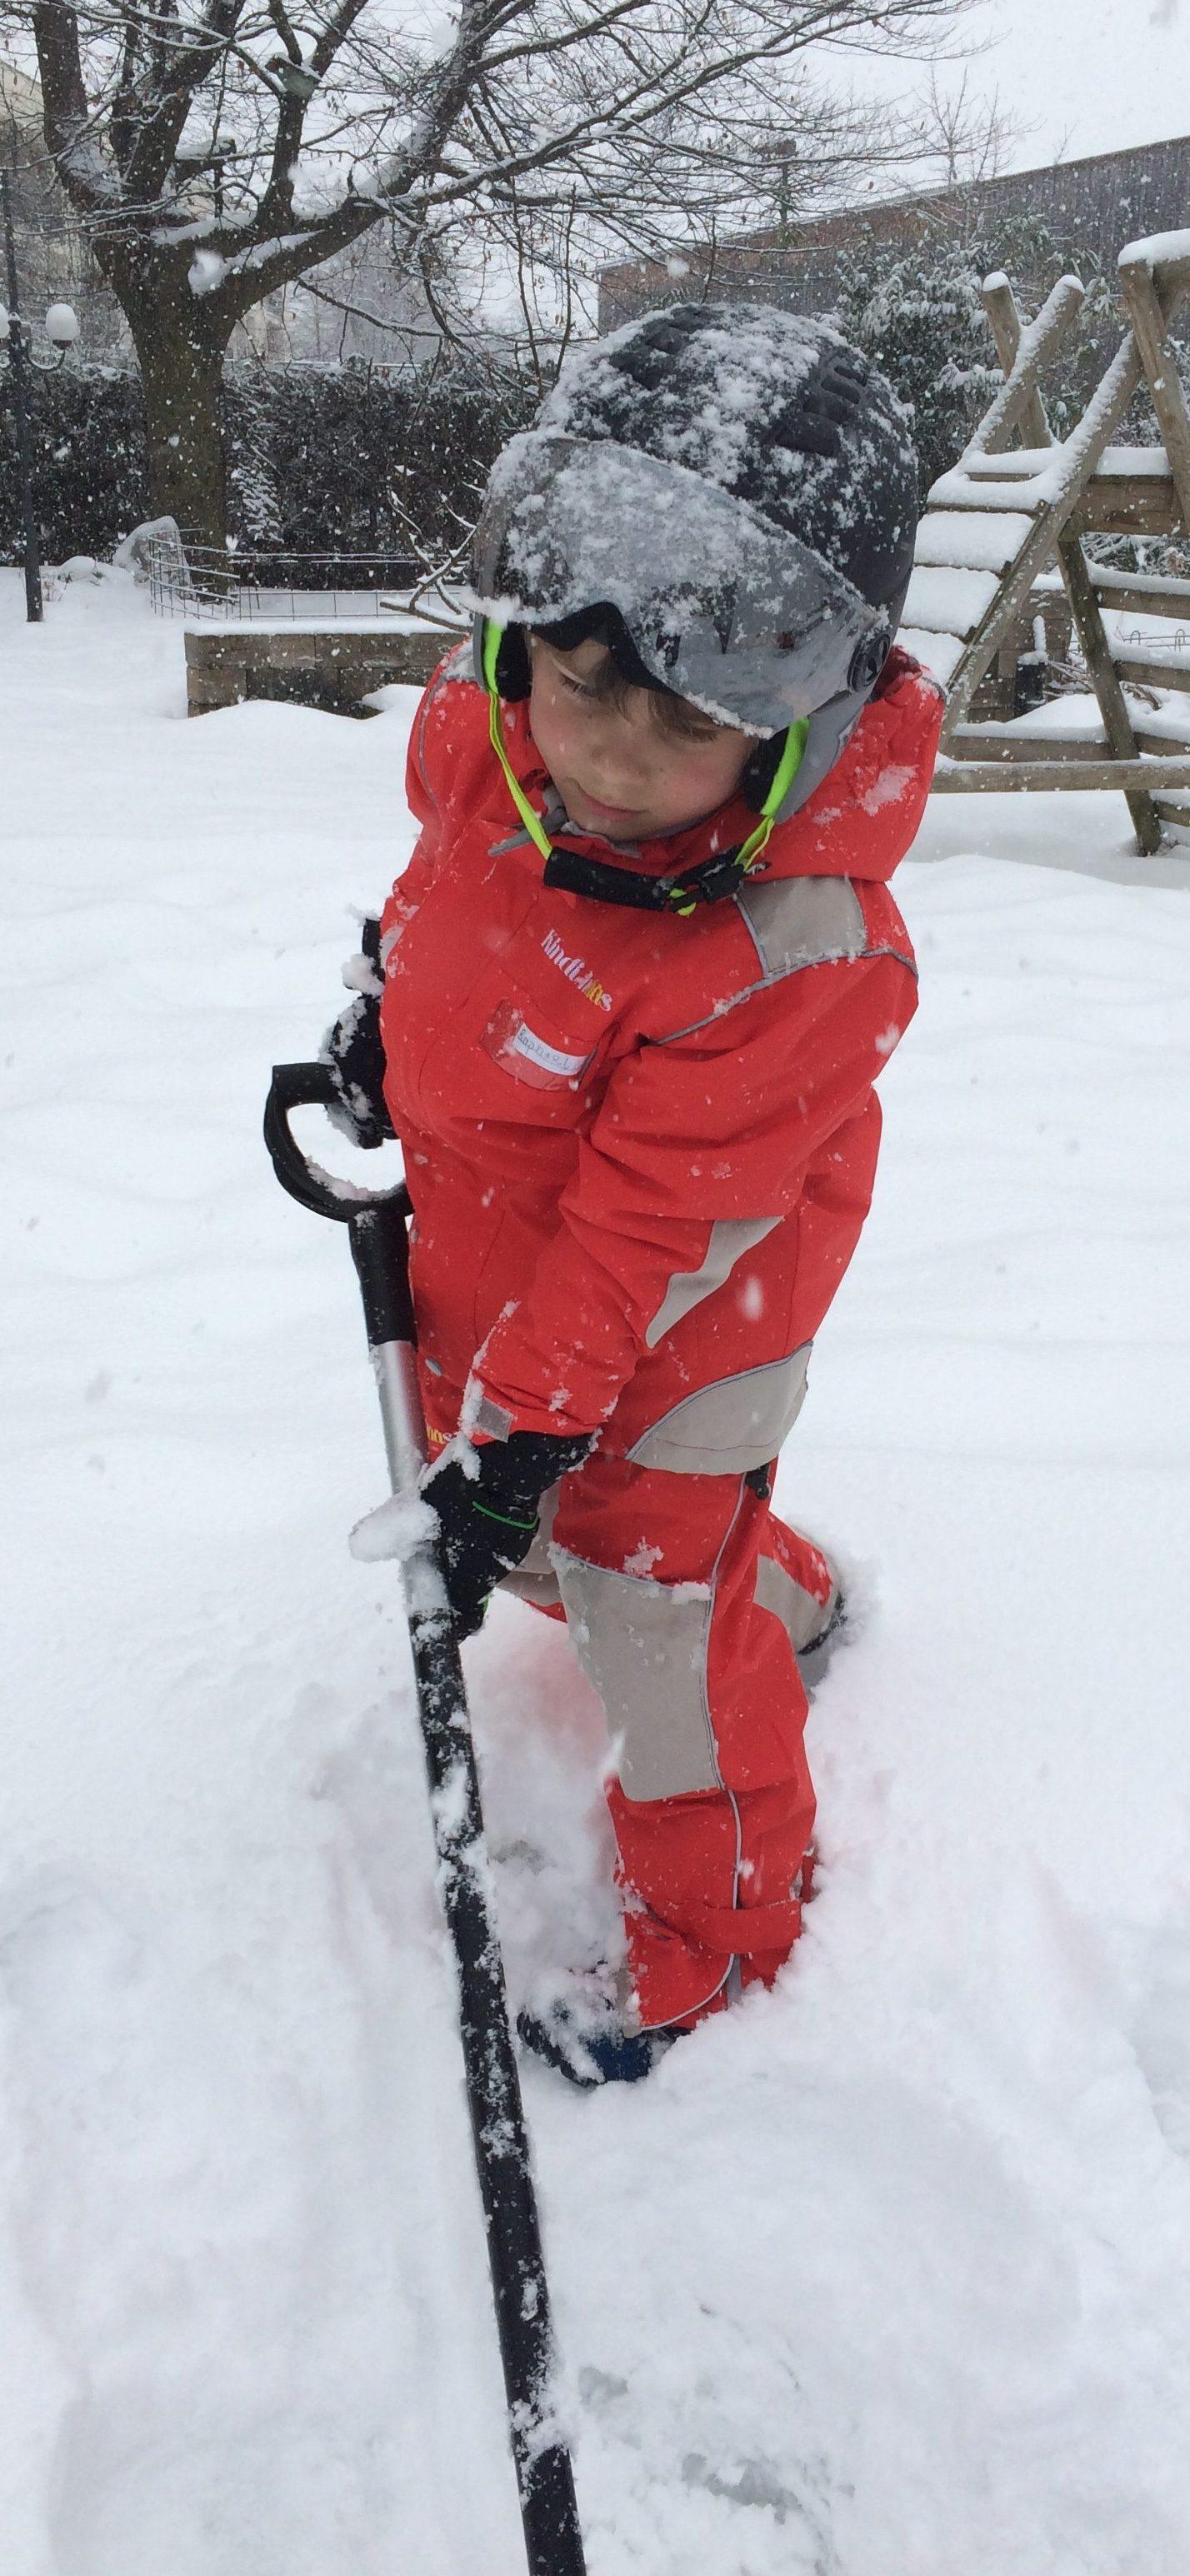 kindi hääs, marc giradelli kindergarten skianzug